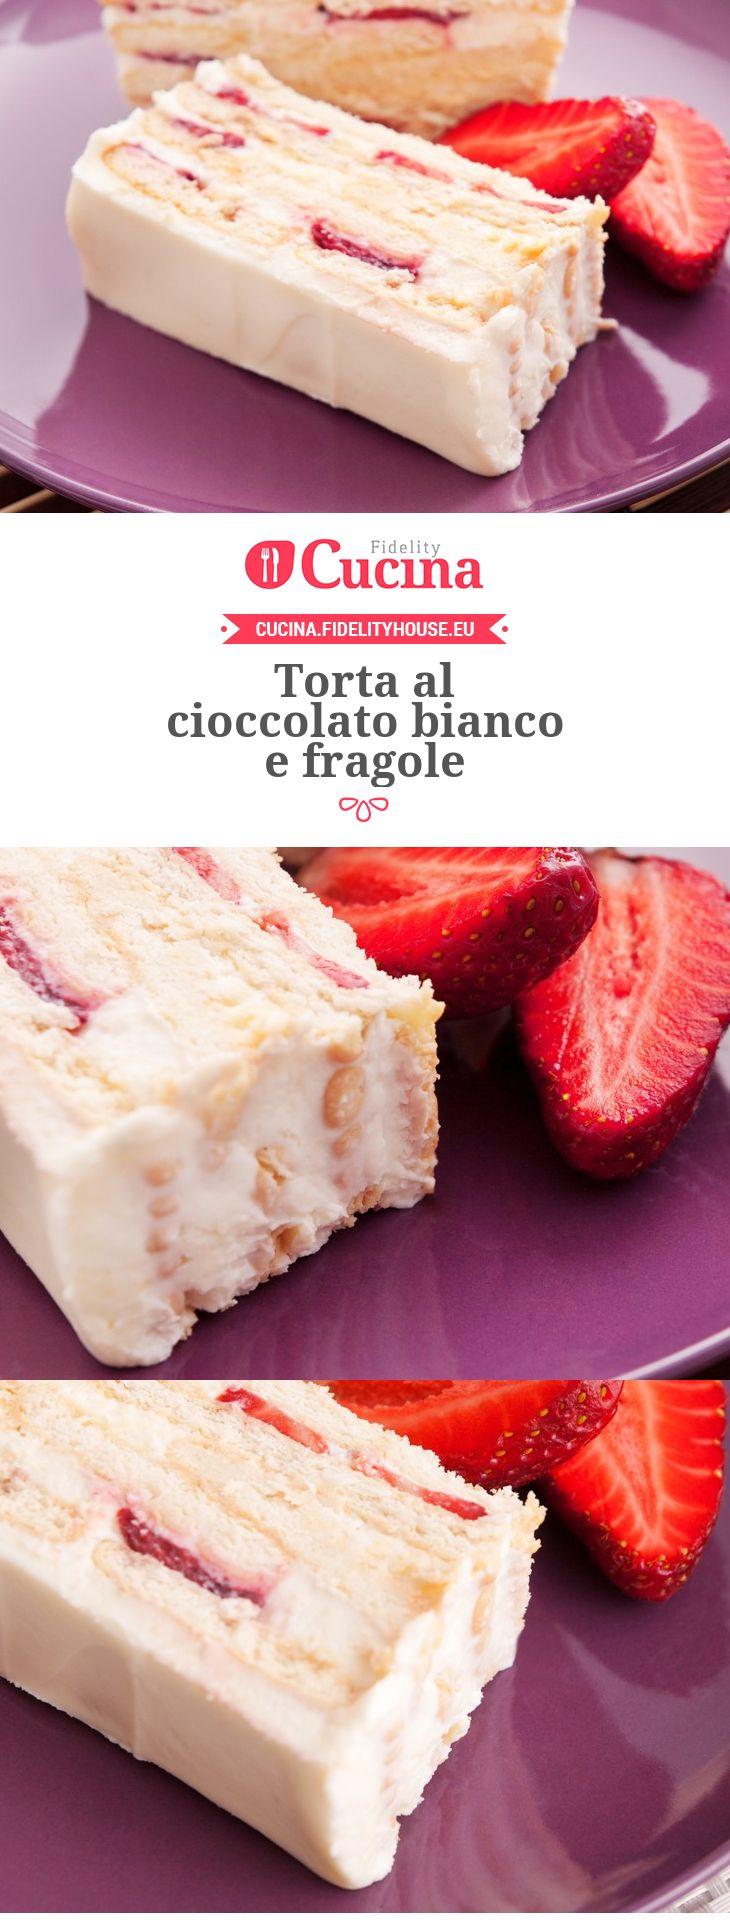 La #torta al #cioccolato bianco e #fragole è un dolce dal sapore ricco e corposo ma anche leggero grazie alla presenza delle fragole.